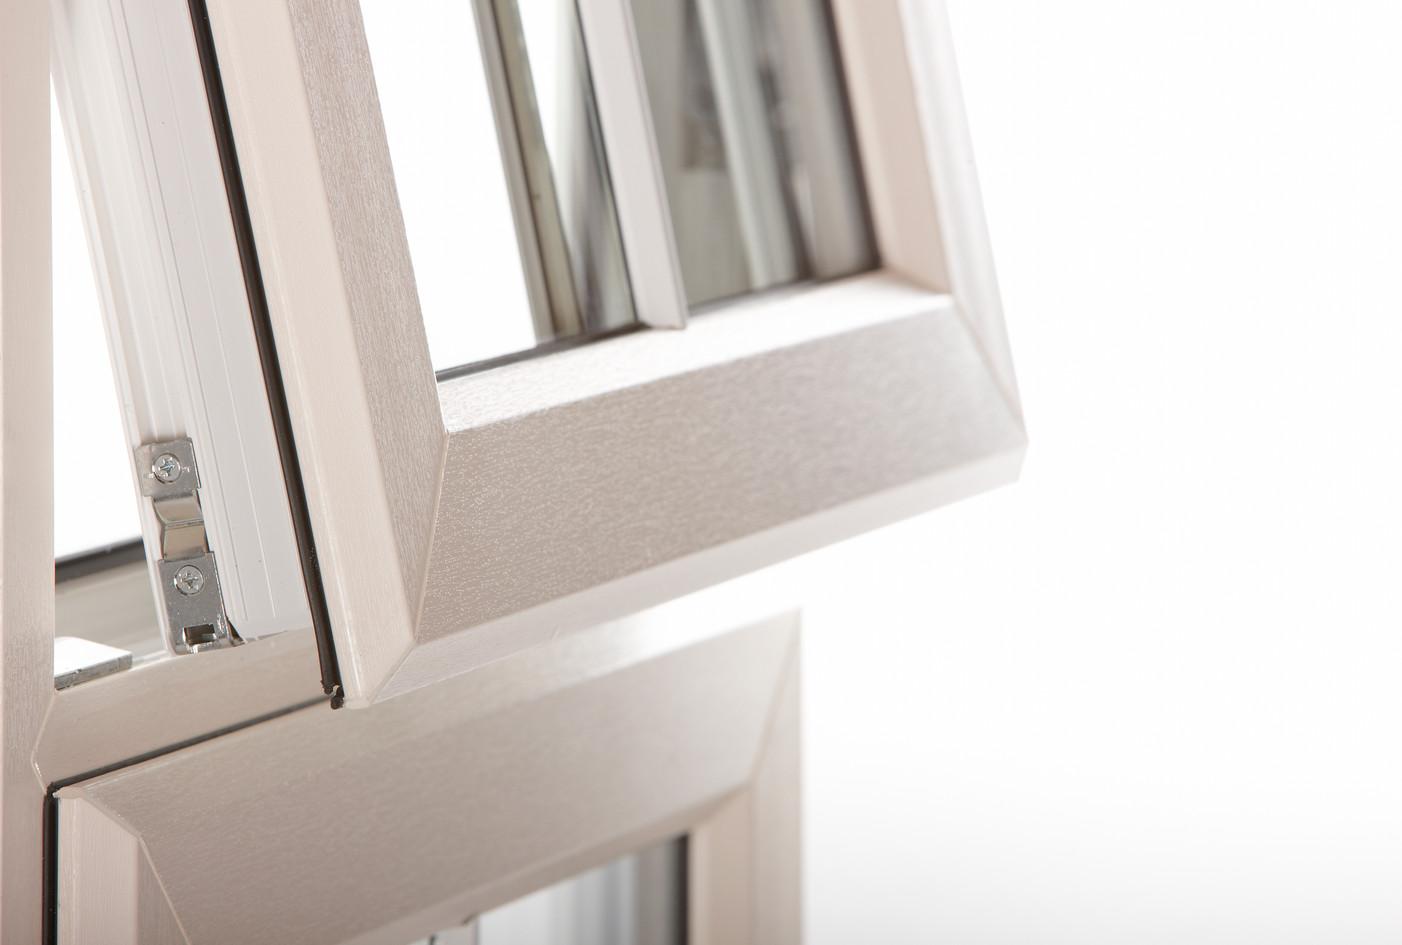 Rehau Total70 Casement Window in Clotted Cream